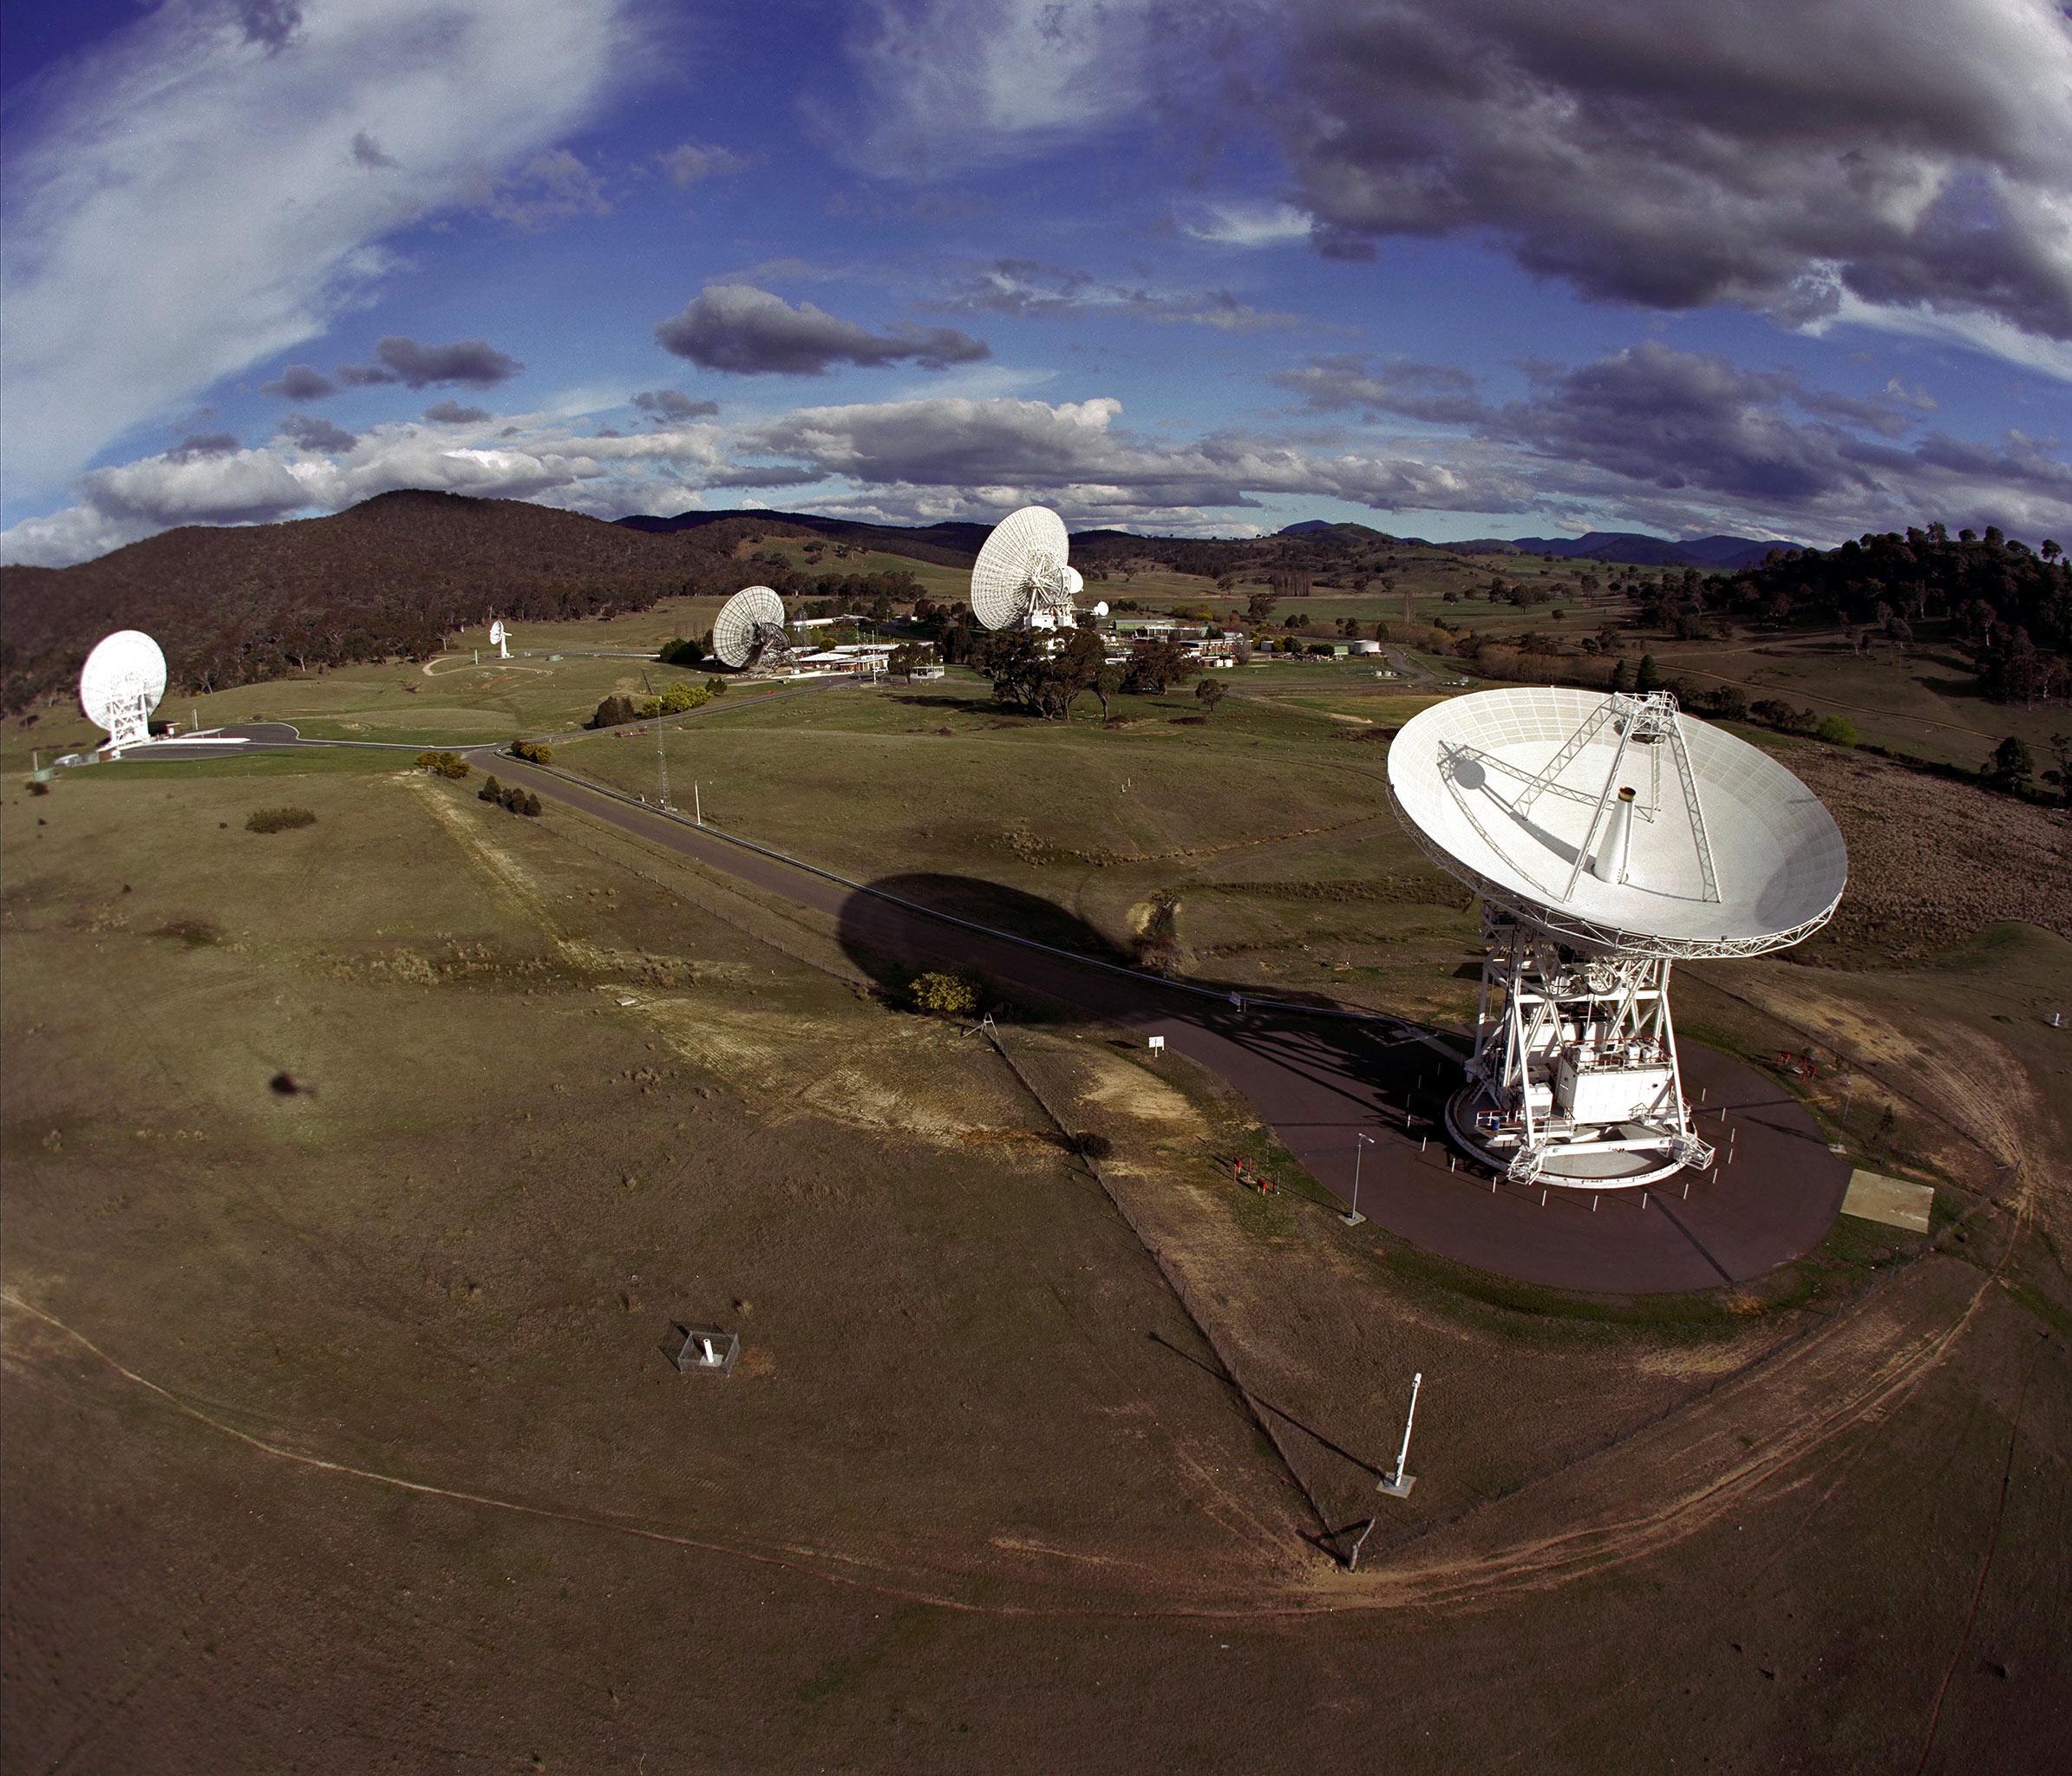 صورة لهوائيات شبكة الفضاء السحيق في كانبيرا باستراليا. حقوق الصورة: ناسا